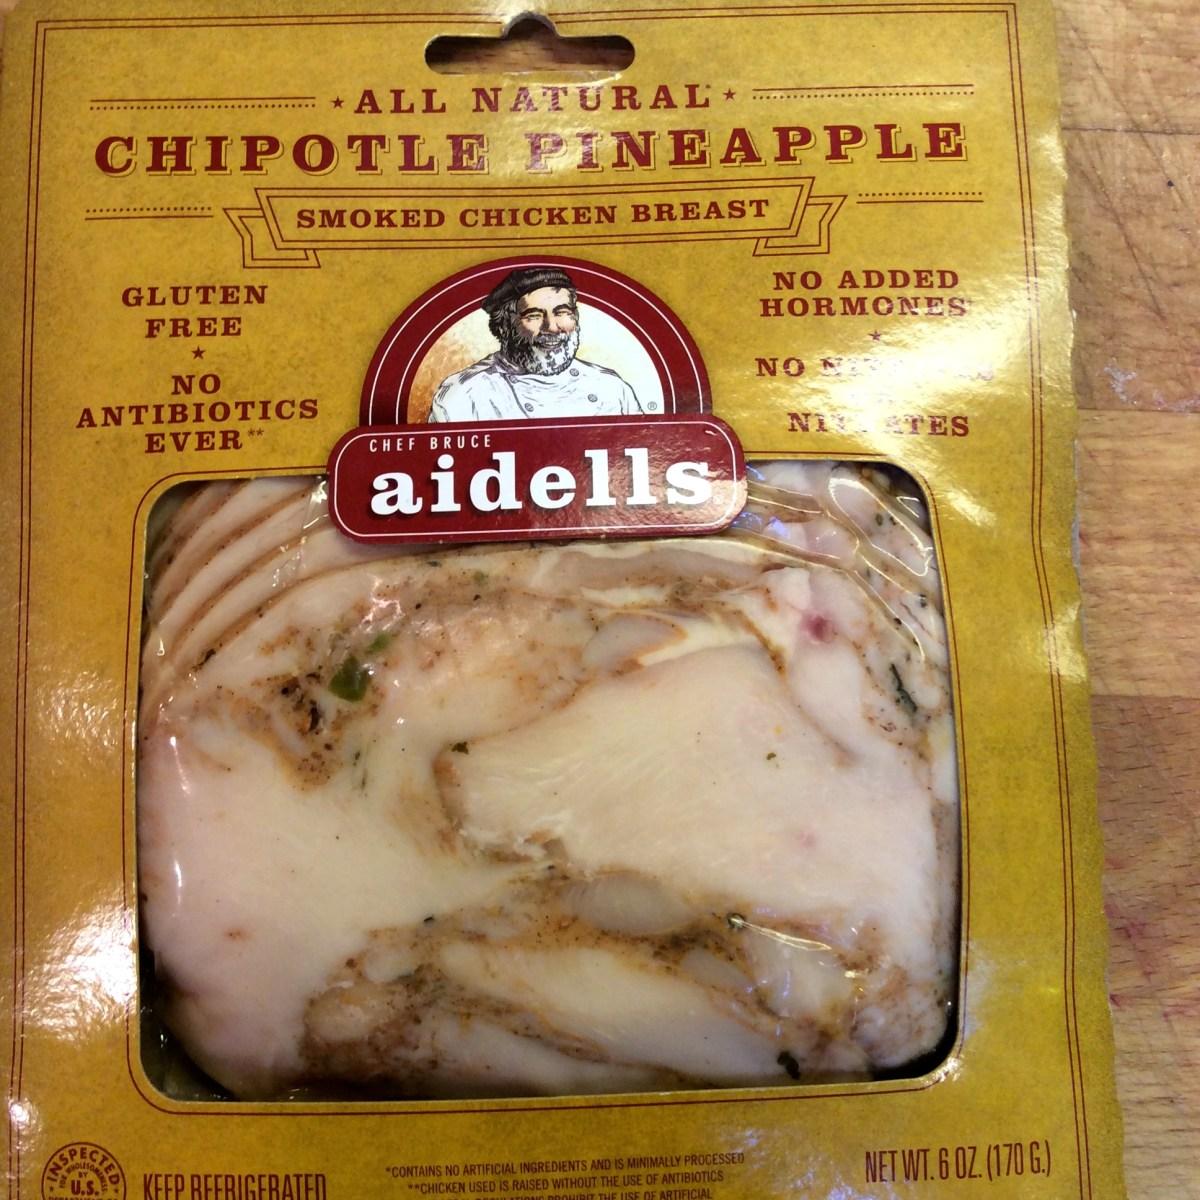 Aidells chicken